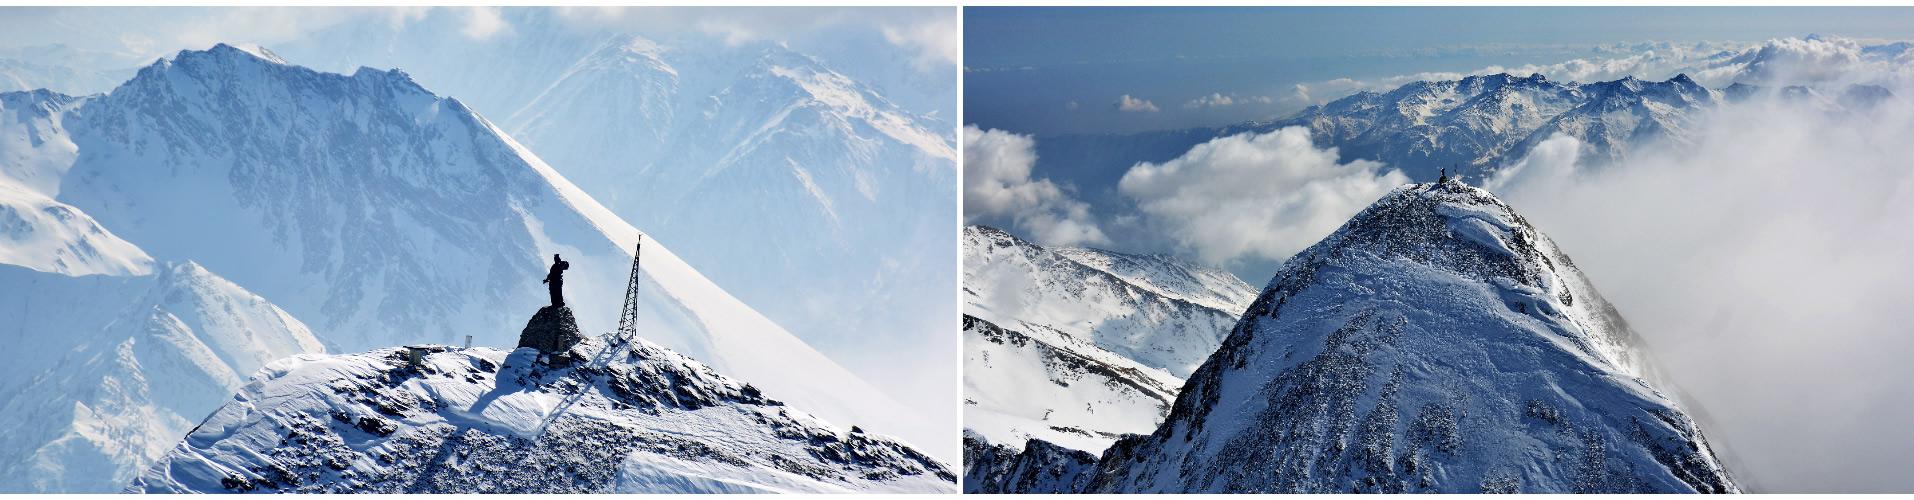 Il santuario sulla cima, un ex-voto di Bonifacio Rotario nella crociata contro i turchi.  Rocciamelone: il santuario più alto d'Europa a 3538 metri d'altitudine.